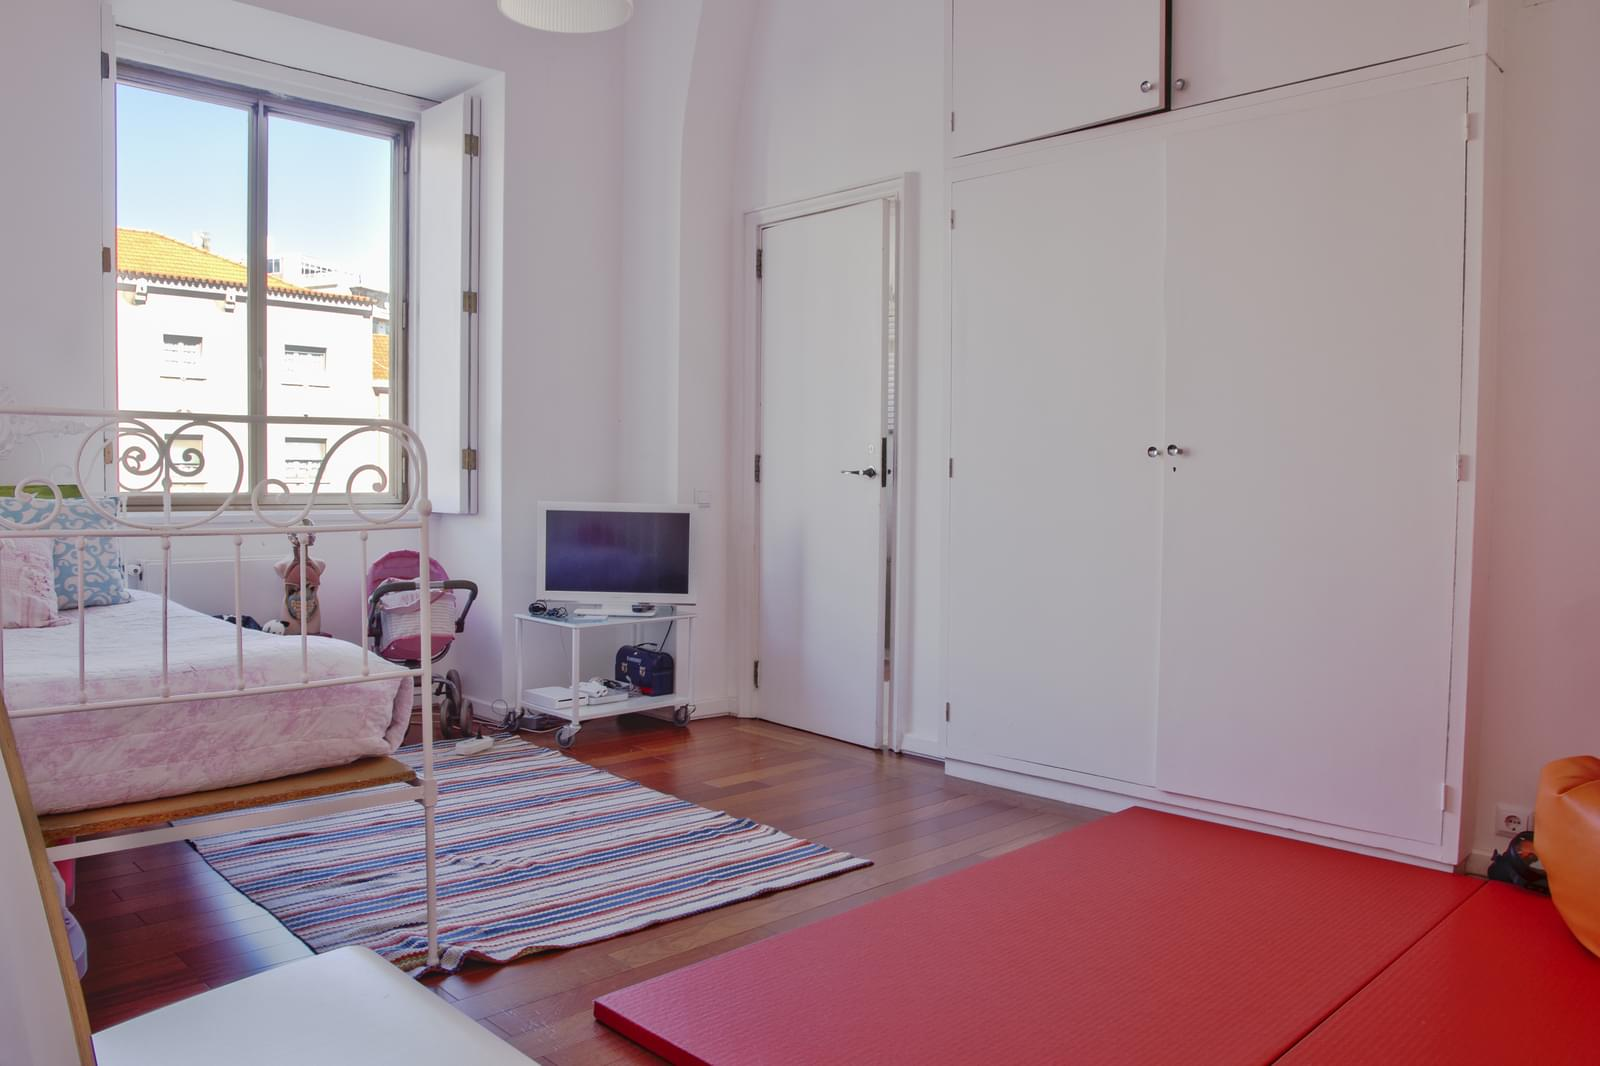 pf18175-apartamento-t5-lisboa-ad1c8584-09b2-403b-a1ef-c3a7918d92b3